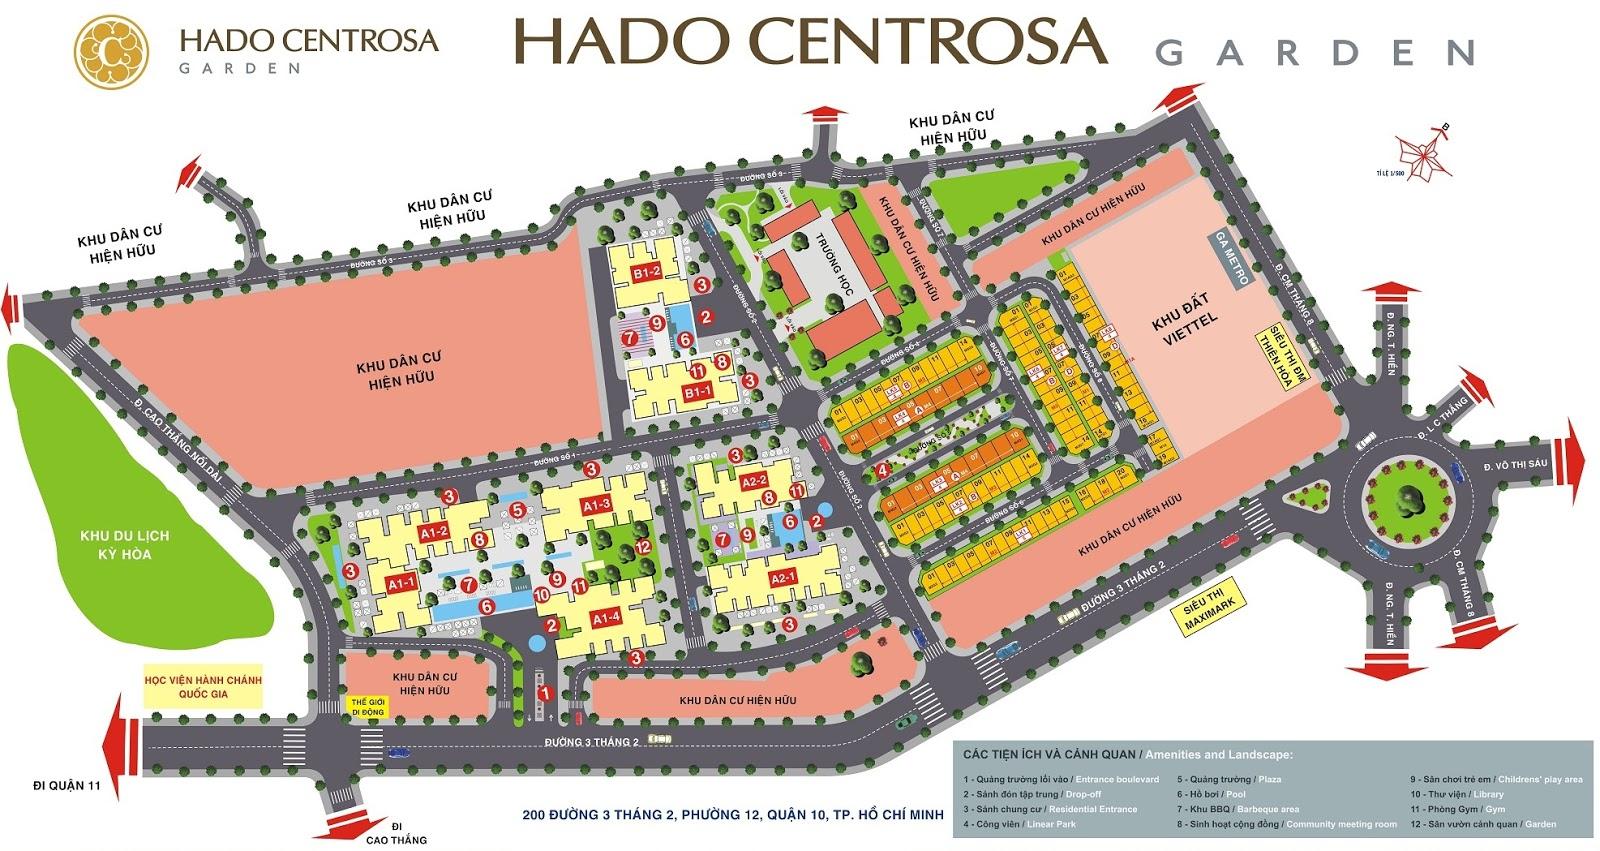 Mặt bằng tổng quan Hà Đô Centrosa